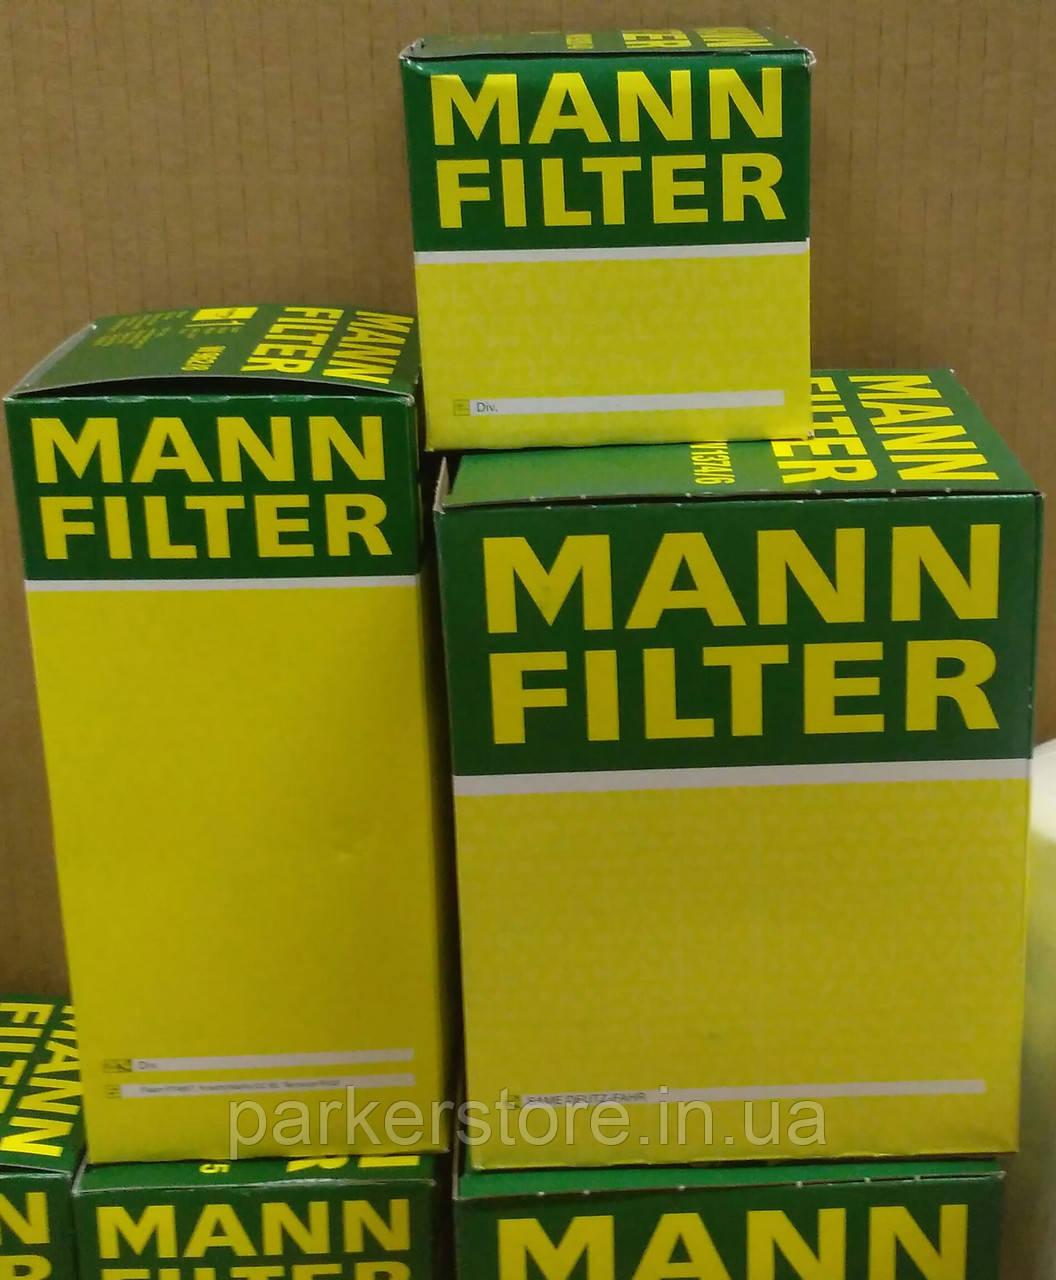 MANN FILTER / Воздушный фильтр / C 30 130/1 / C30130/1